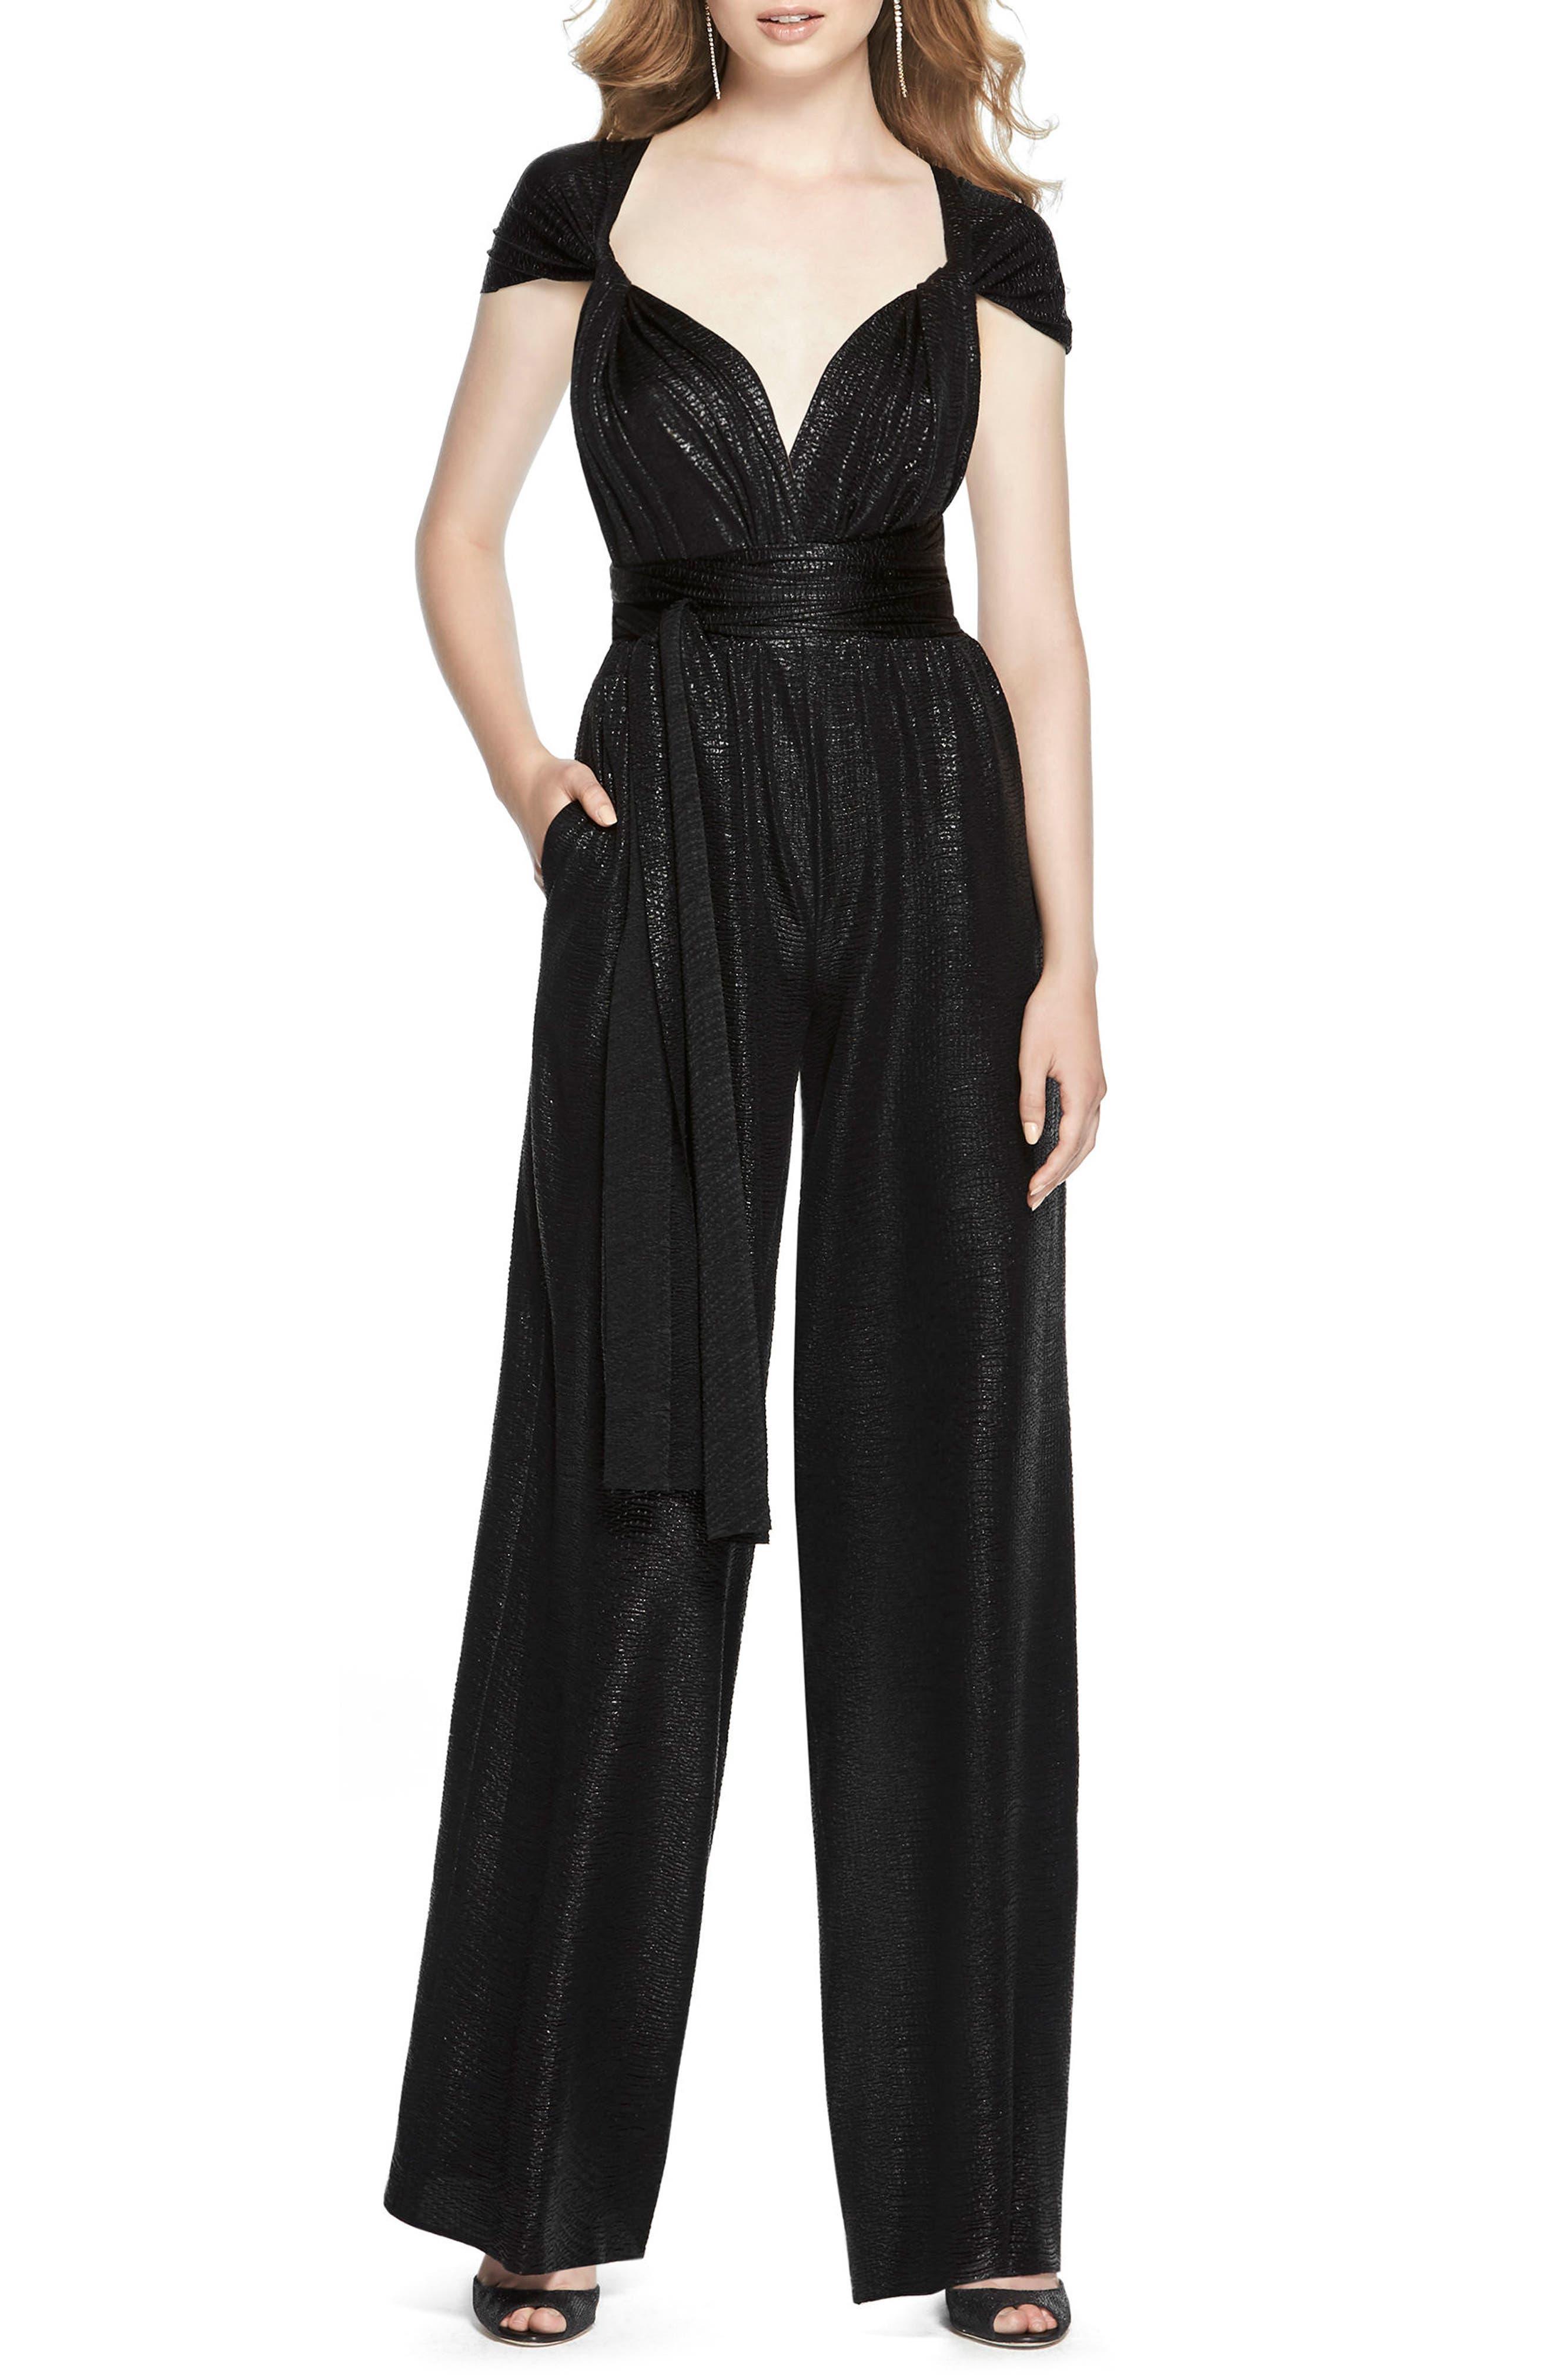 DESSY COLLECTION Twist Convertible Wide Leg Jumpsuit, Main, color, BLACK